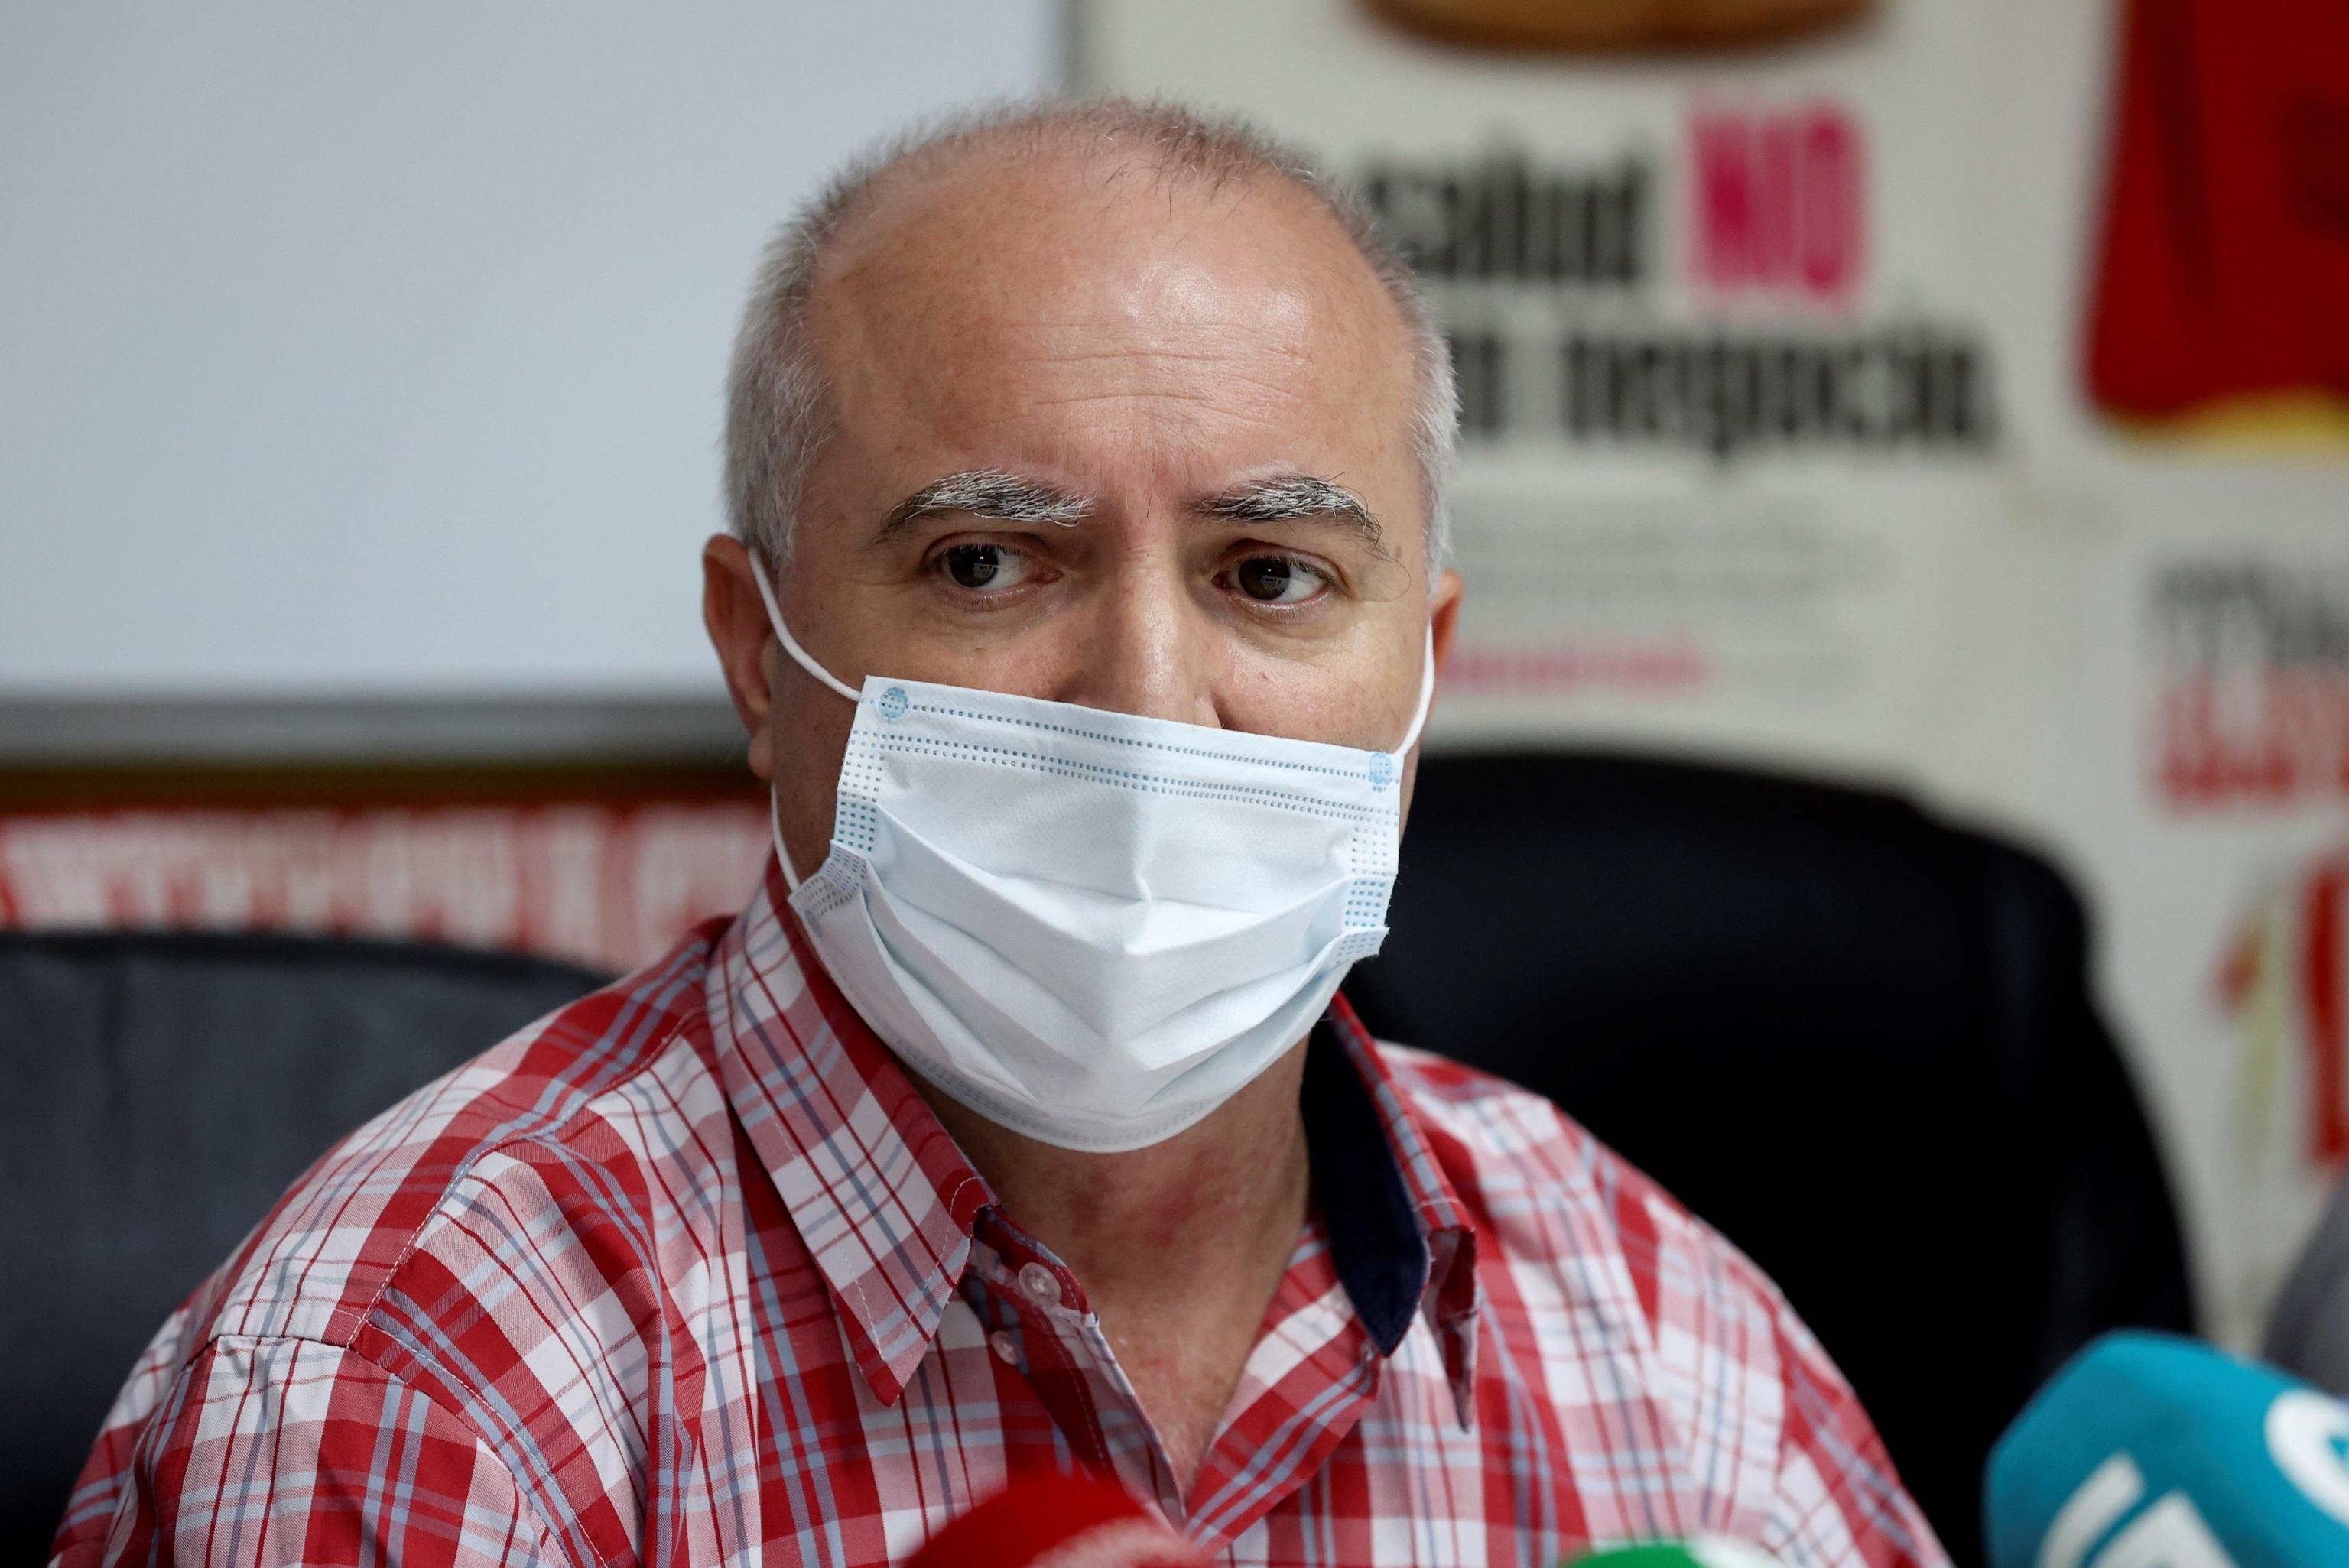 Pablo Costas lors de la conférence de presse de ce mi